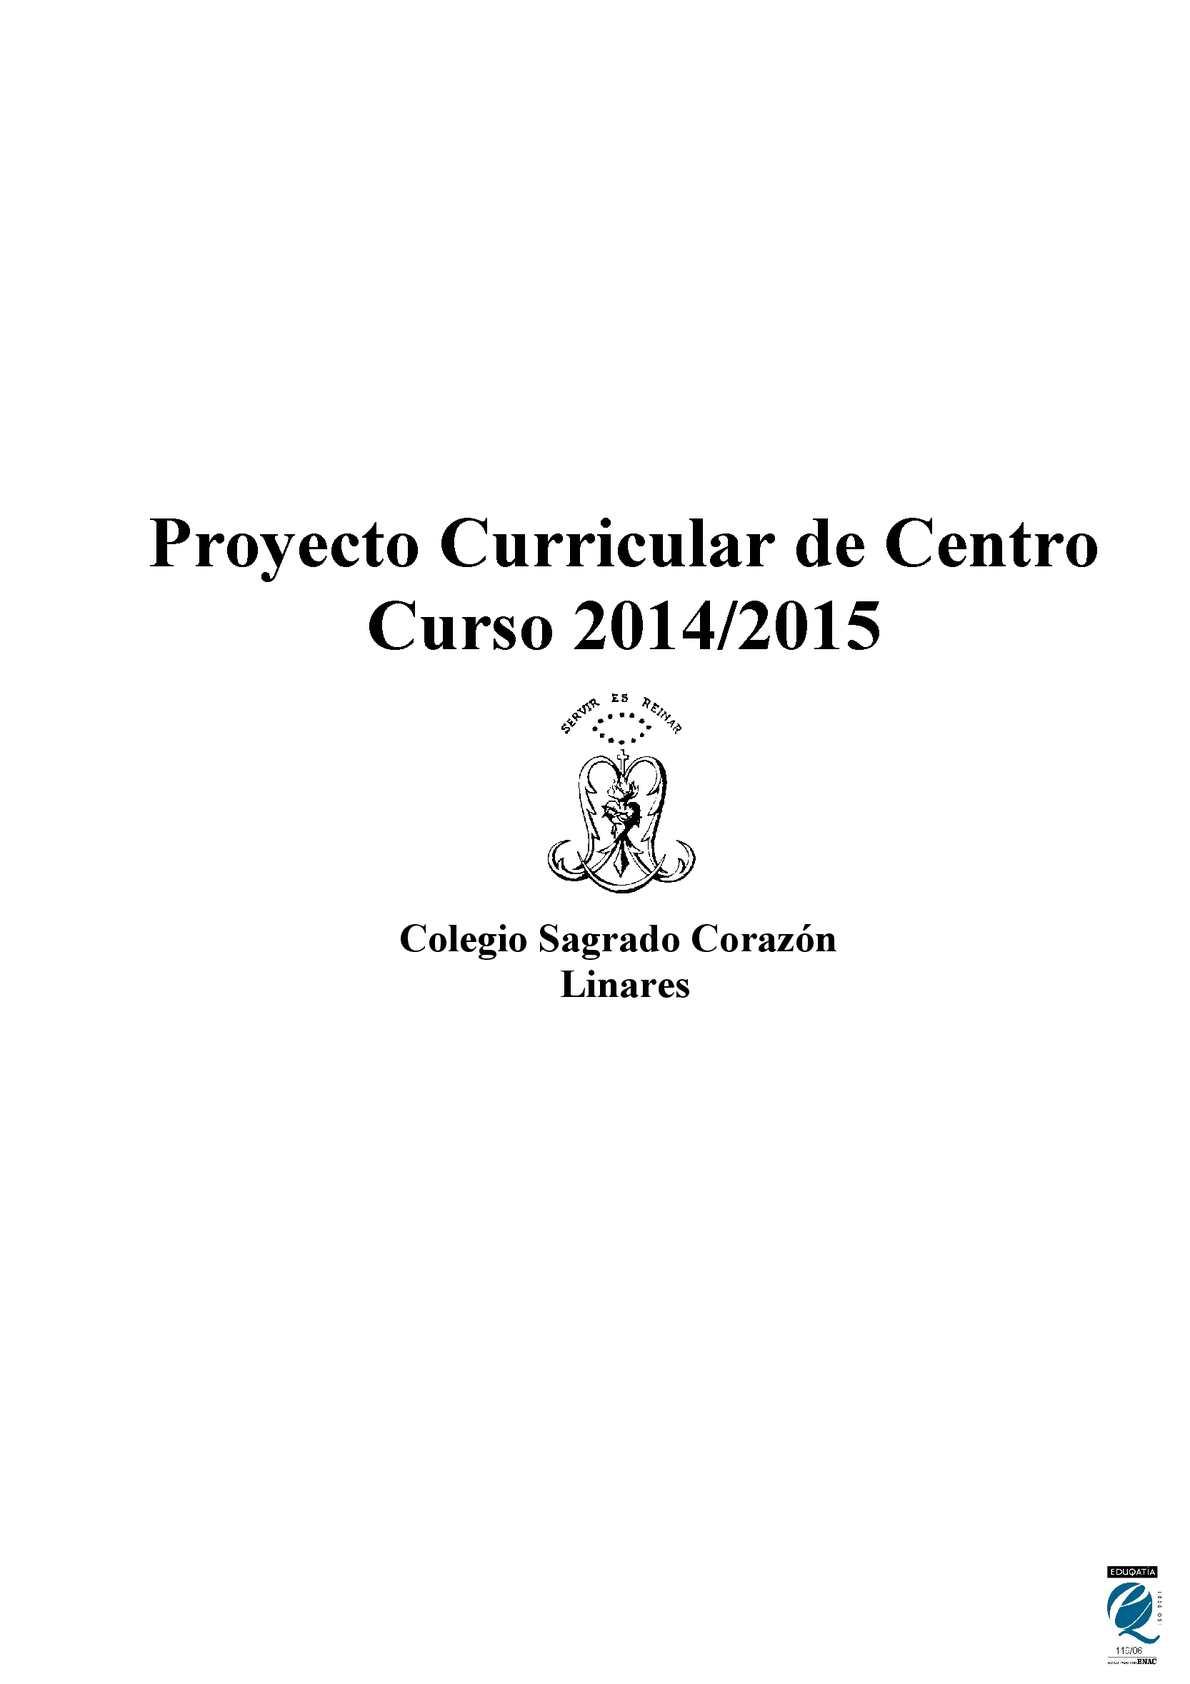 Calaméo - Proyecto Curricular De Centro 14 15